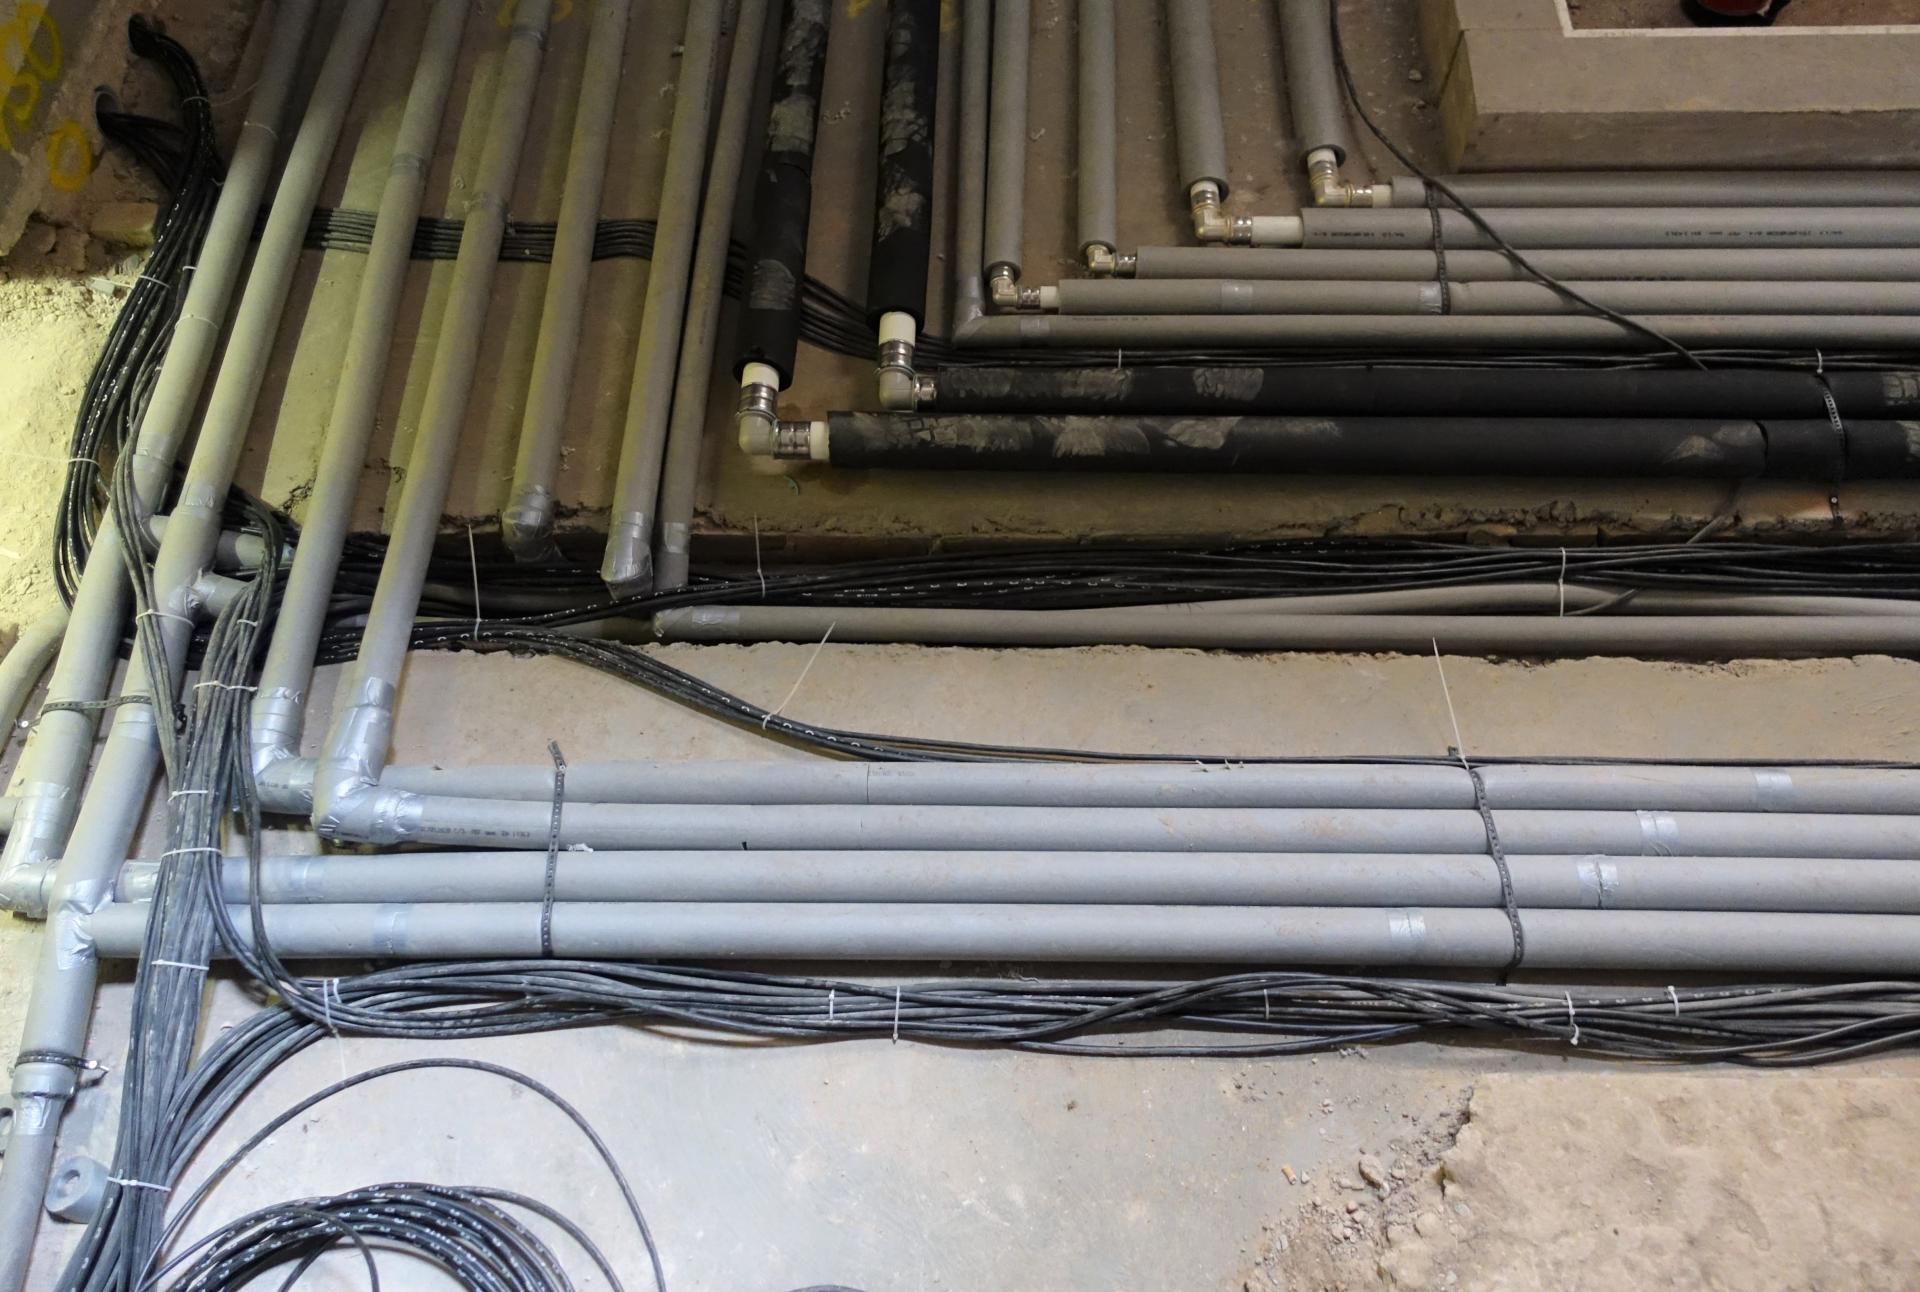 Bild 920 zeigt, die Kabelverlegung zusammen mit dem Heizrohrsystem